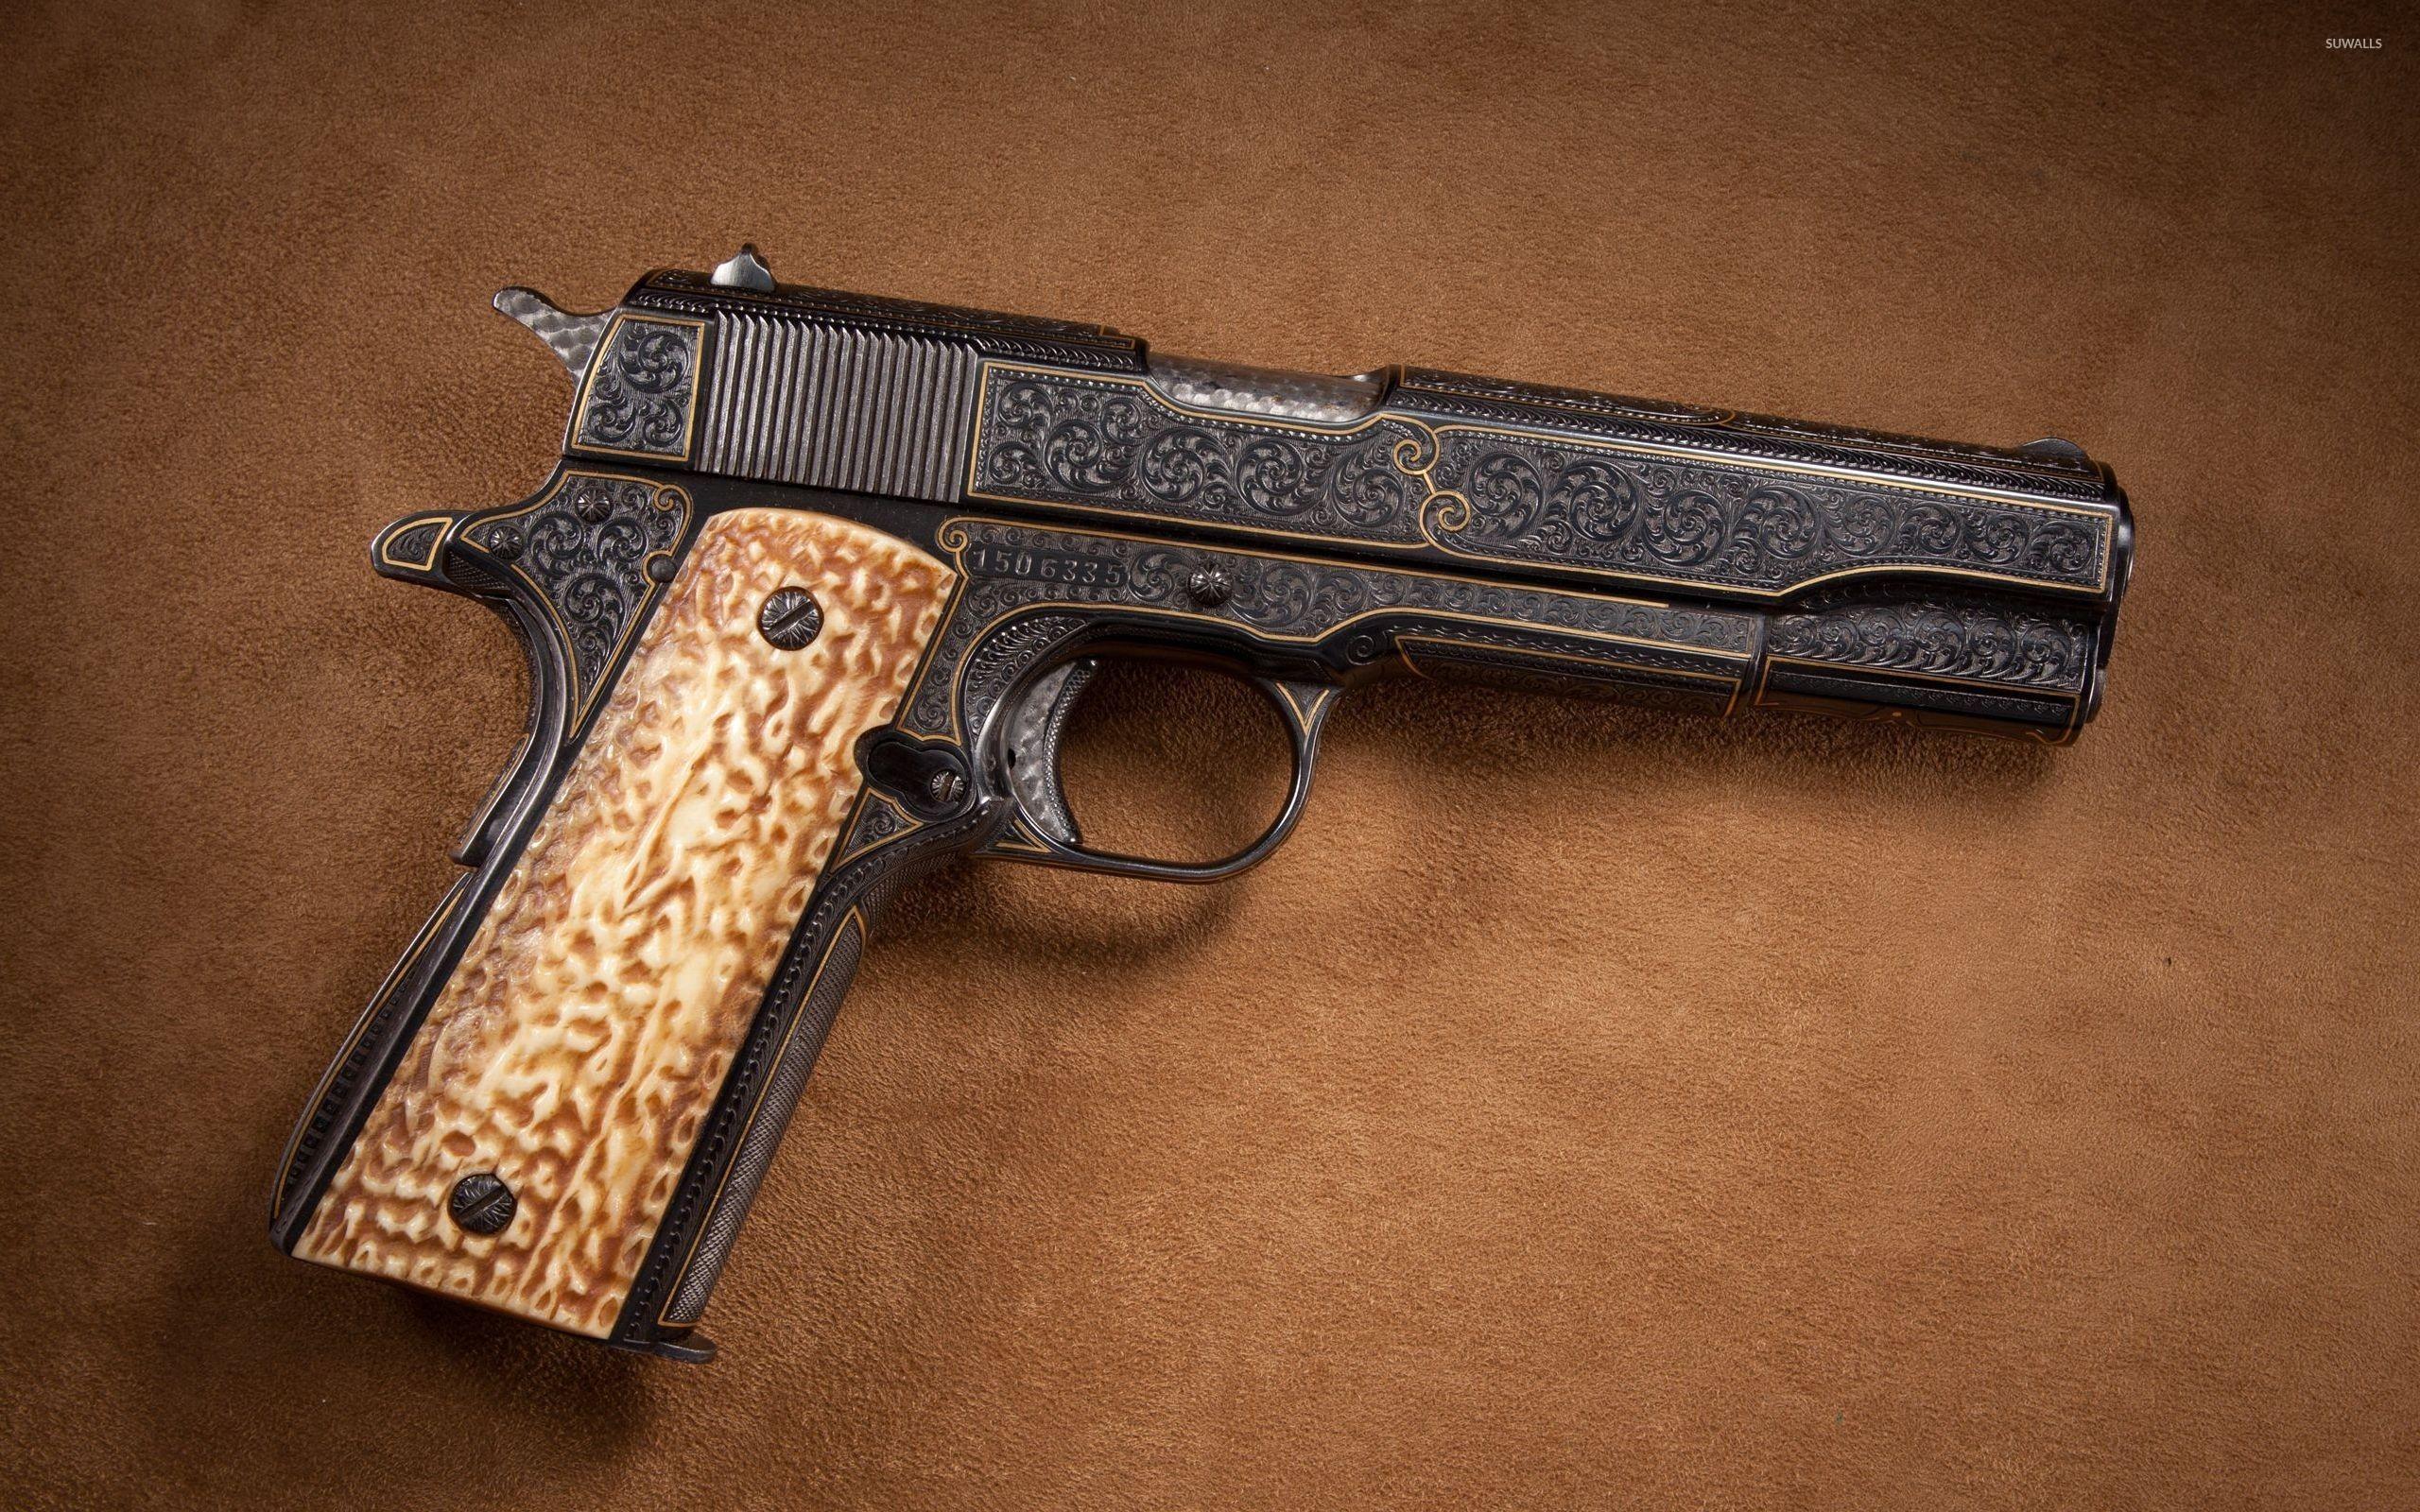 Vintage Pistol Wallpaper